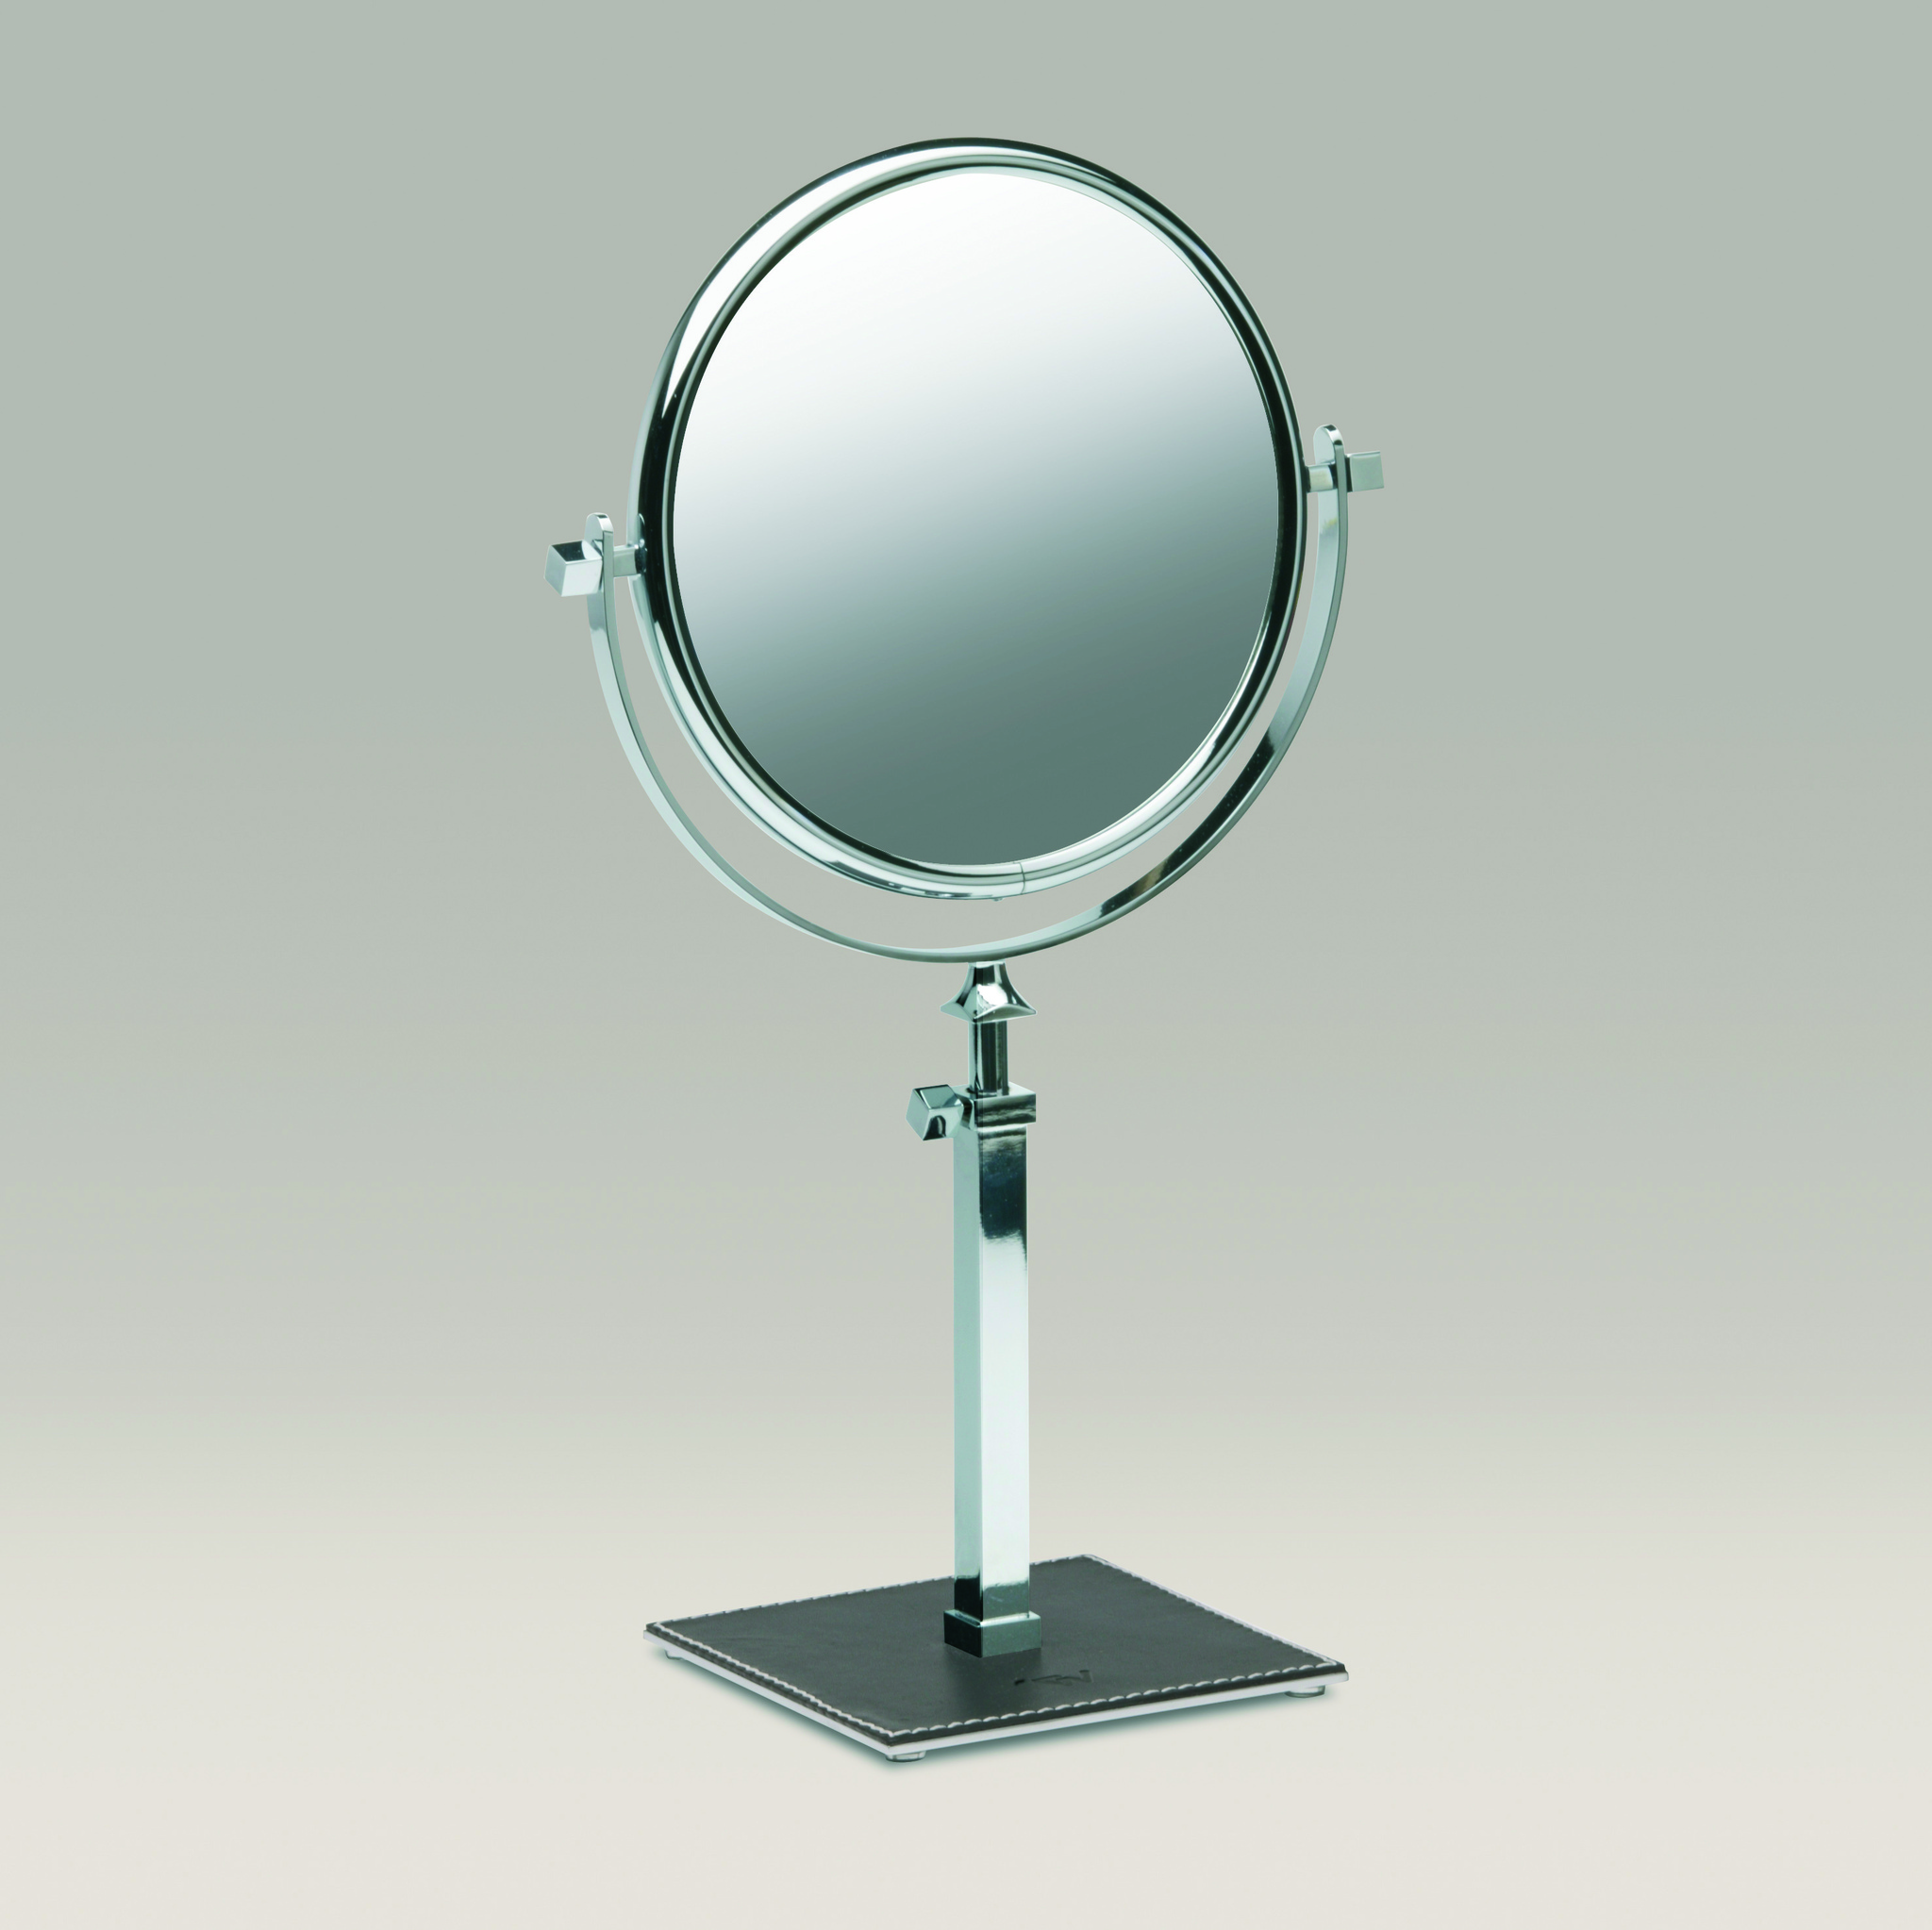 Элитное зеркало косметическое 99135R 7XOP Kenia от Windisch